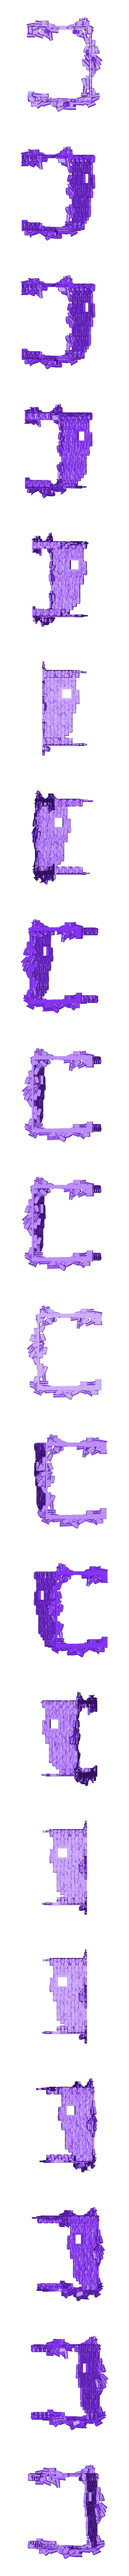 RuineBergerie1.stl Télécharger fichier STL gratuit Ruines de maison et batiments • Design imprimable en 3D, phipo333